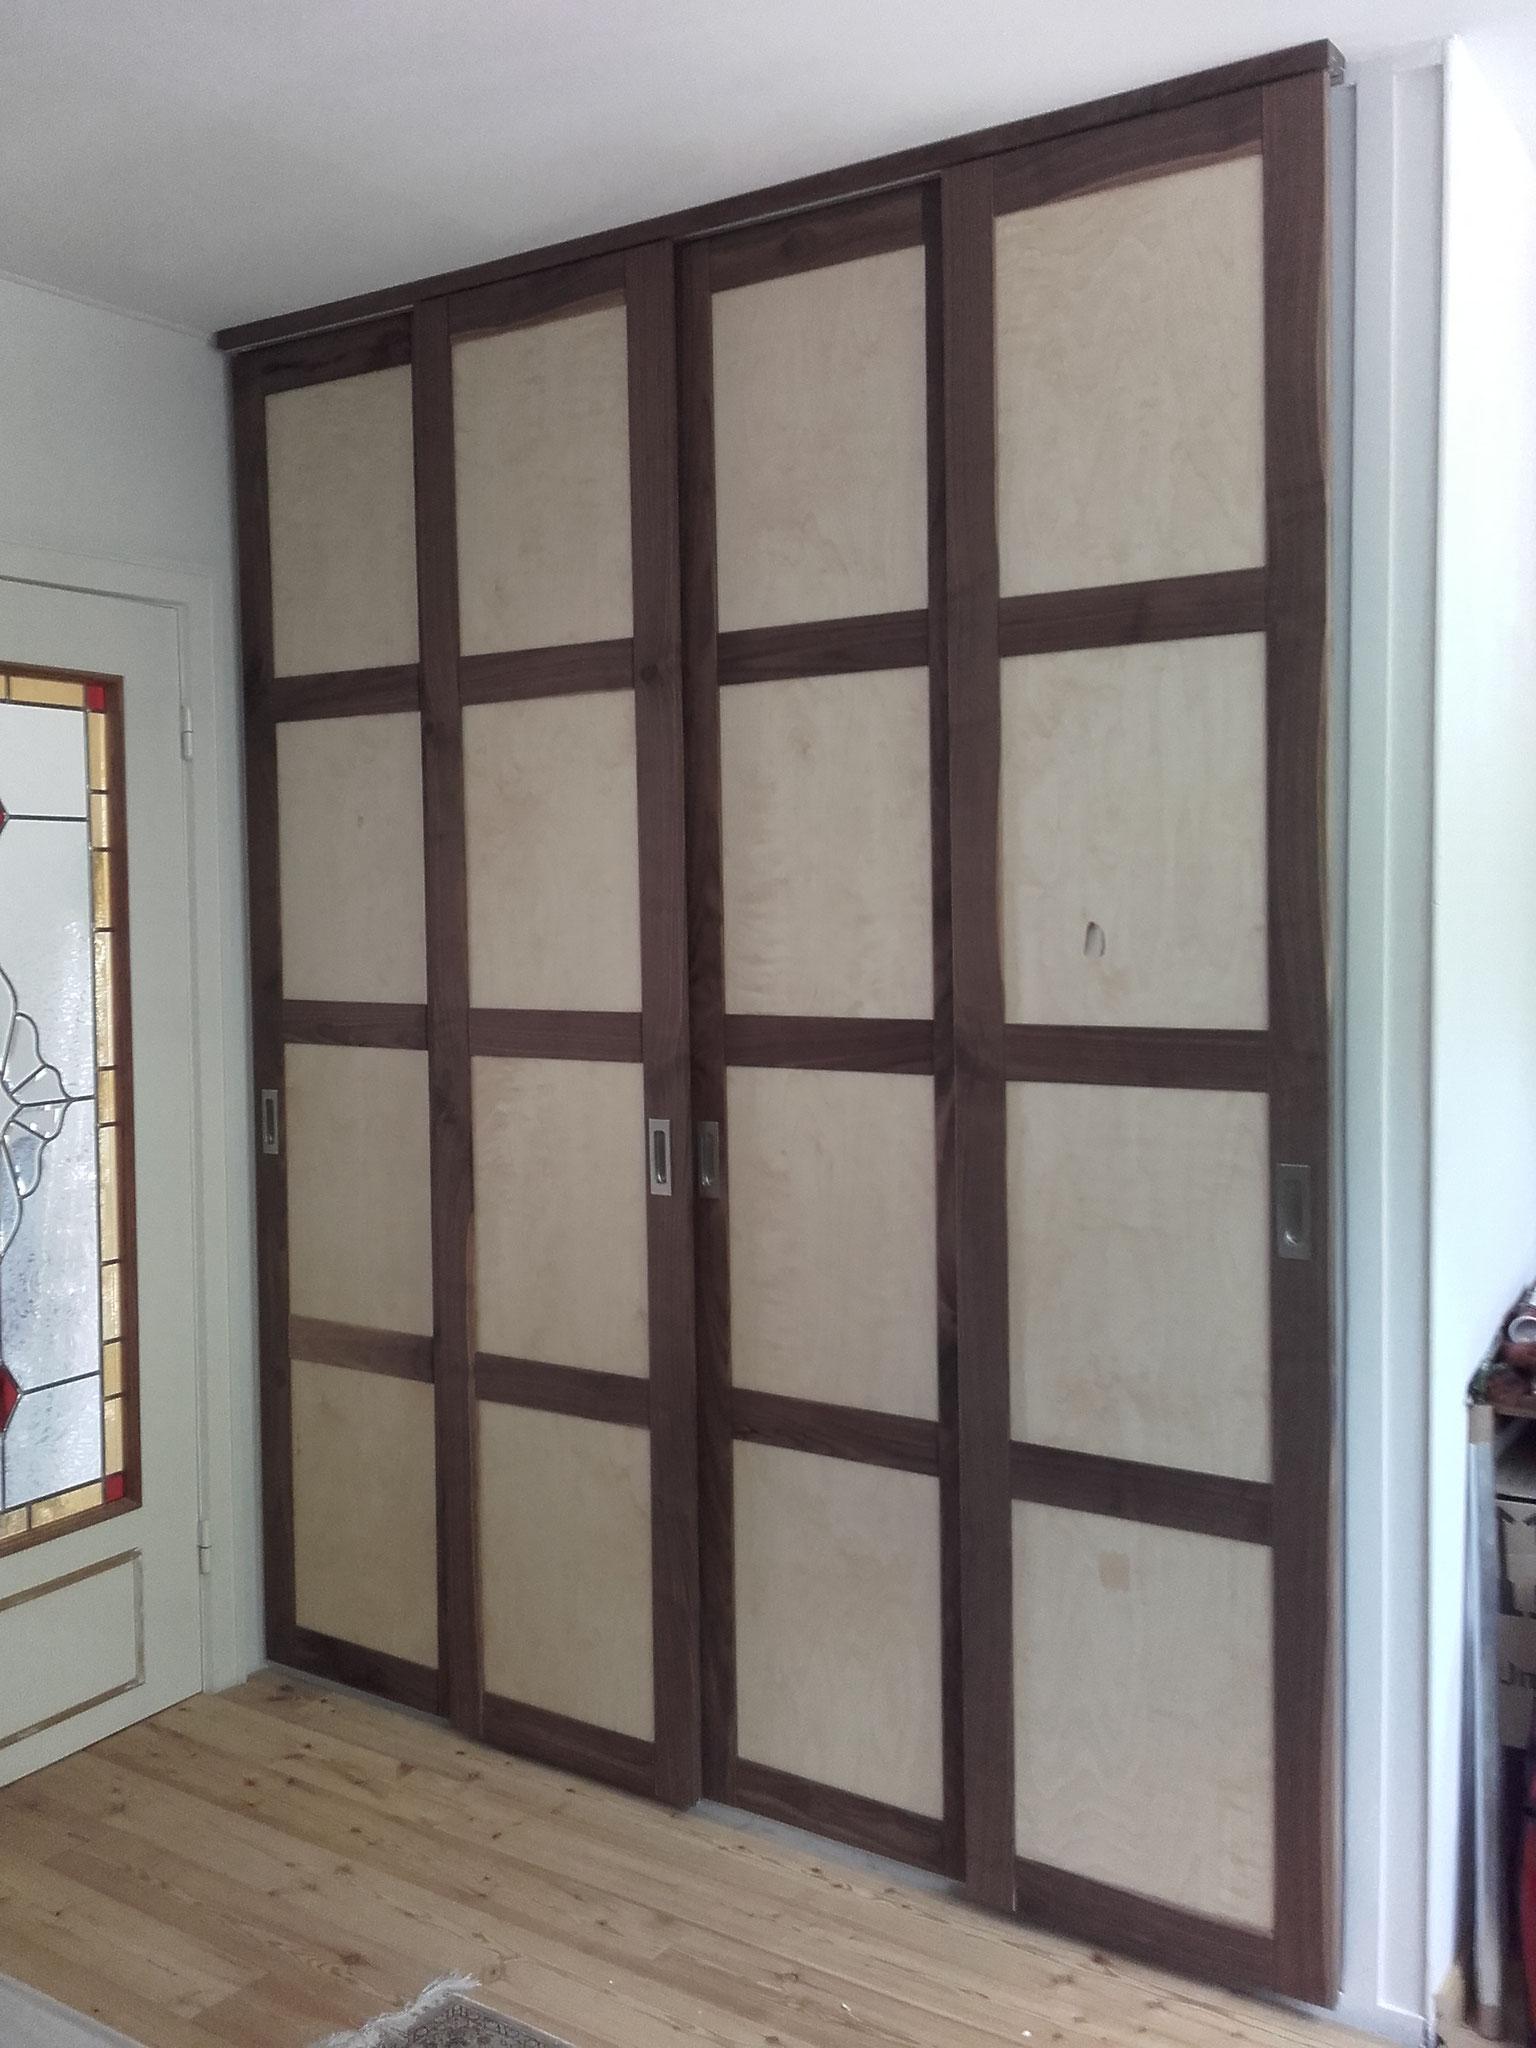 Schiebetüren vor vorhandenen Schrank, Nussbaum Rahmen-Birke Füllungen